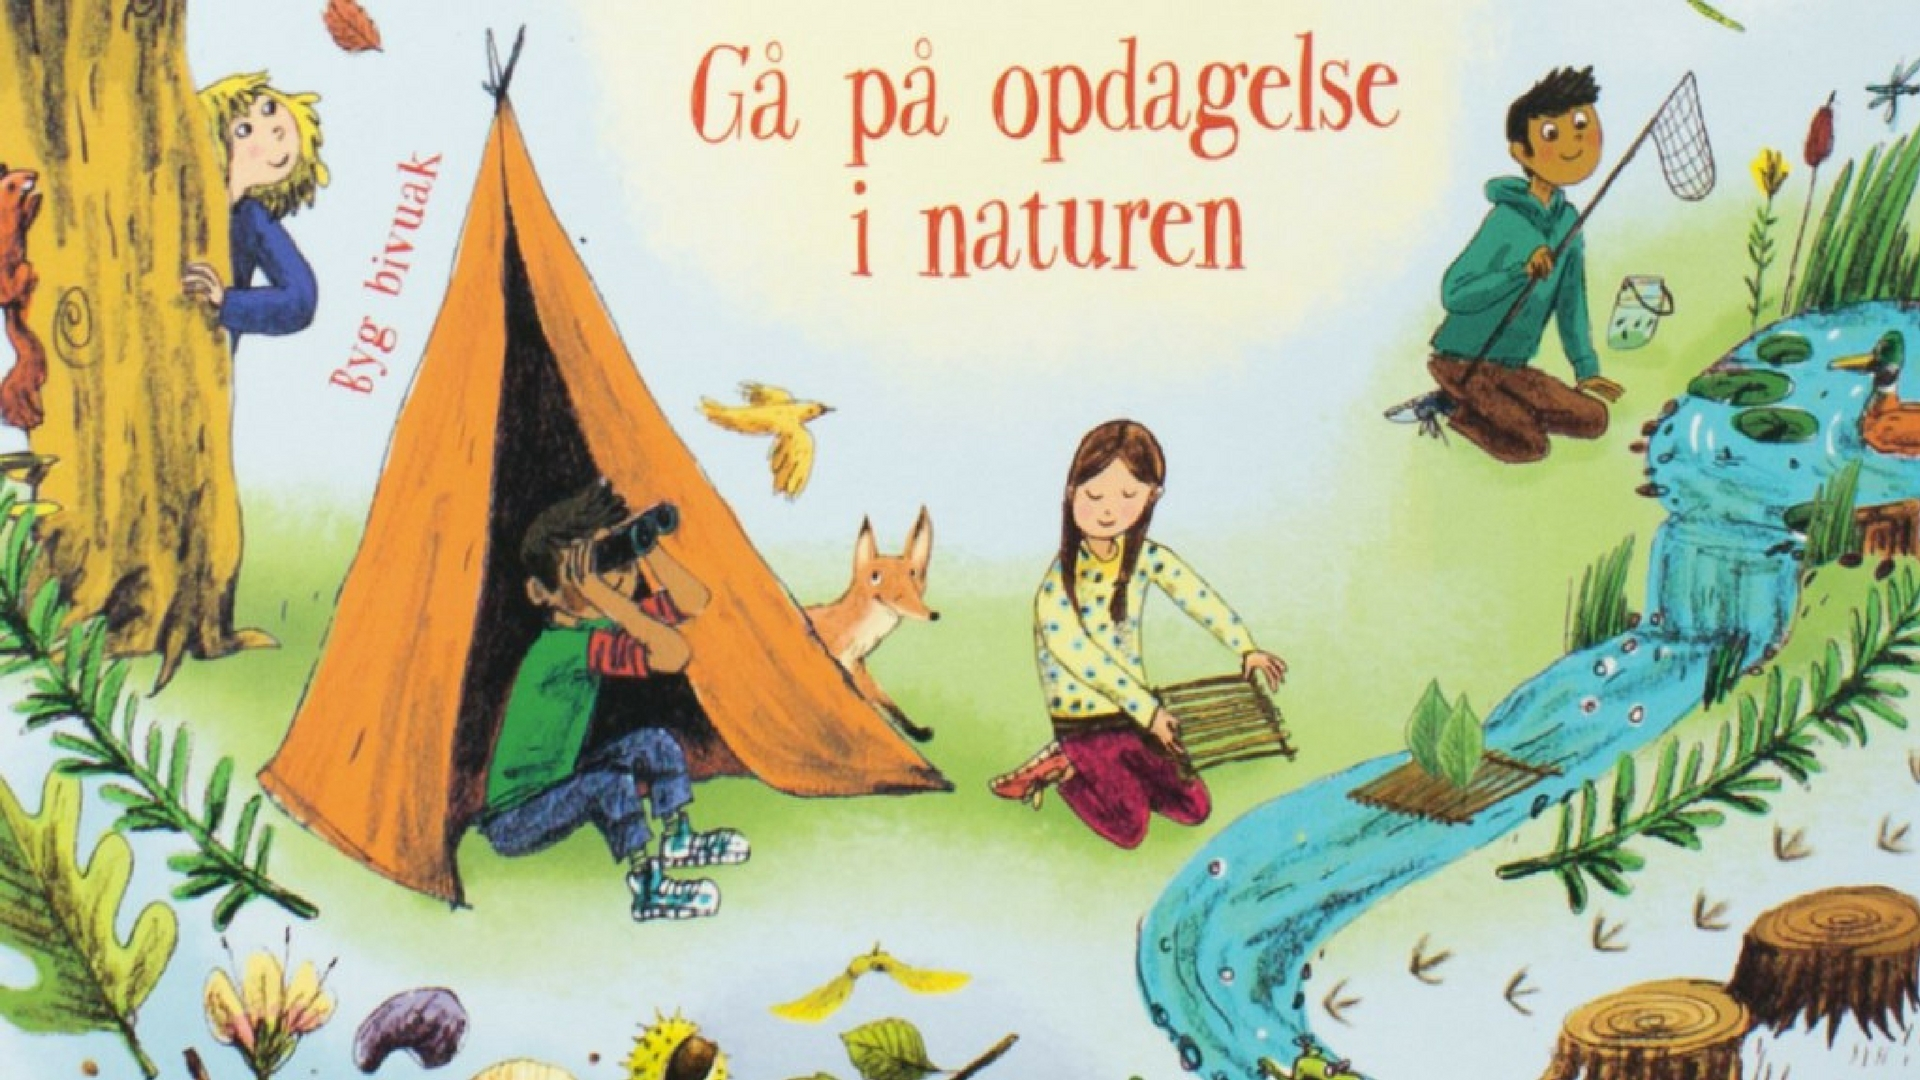 Alice James, natur, friluftsliv, børn, børnebog, aktiviteter, aktivitet, læsning, natur, Min bog om friluftsliv,